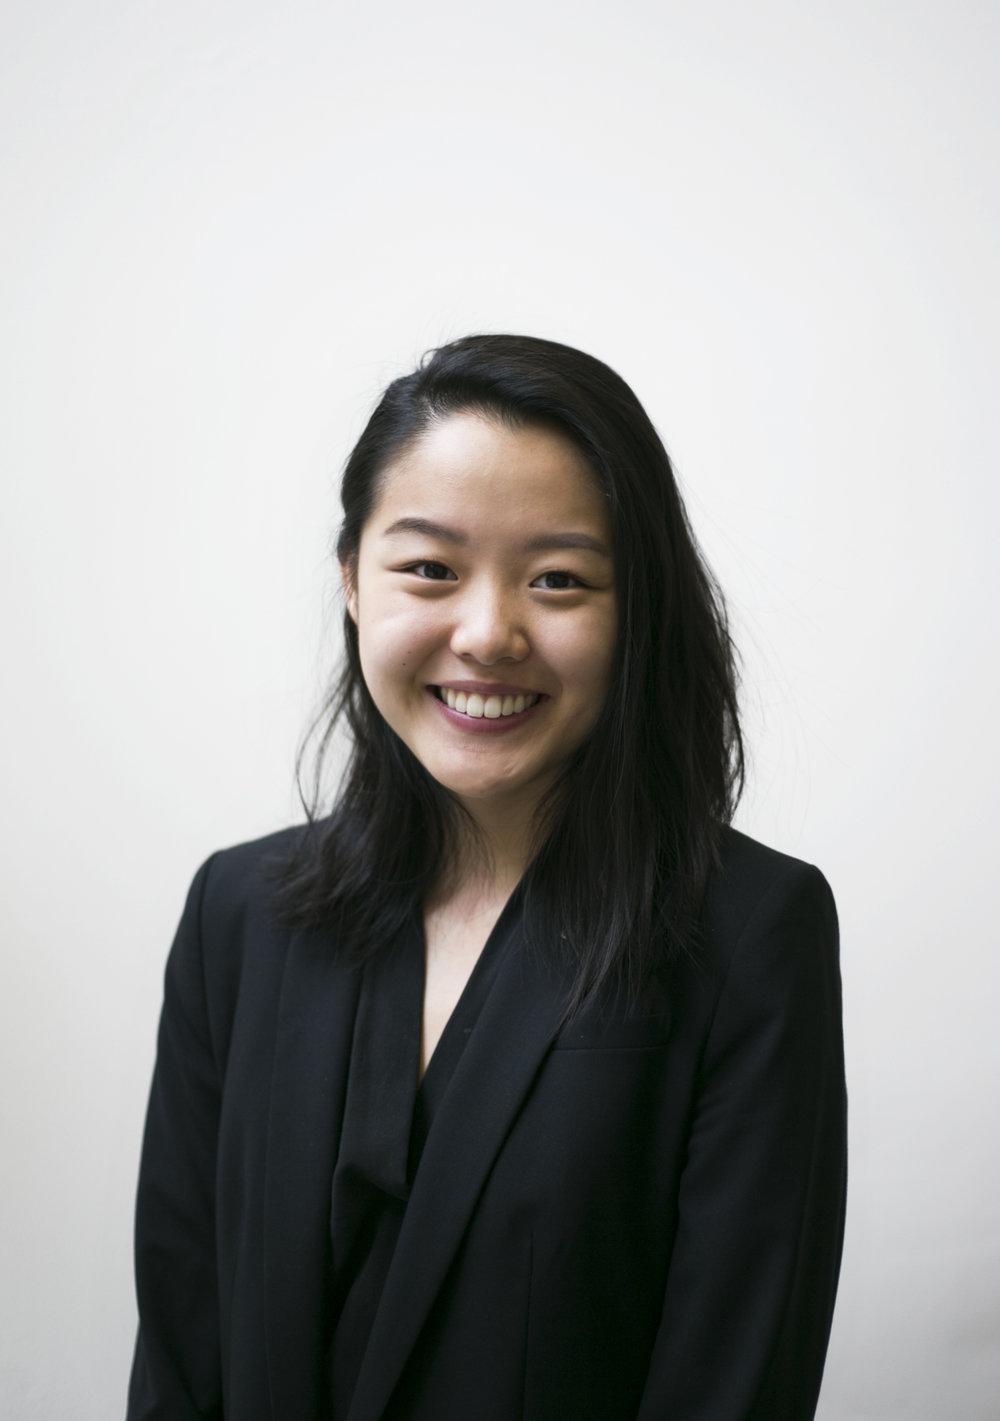 Stephanie Ji